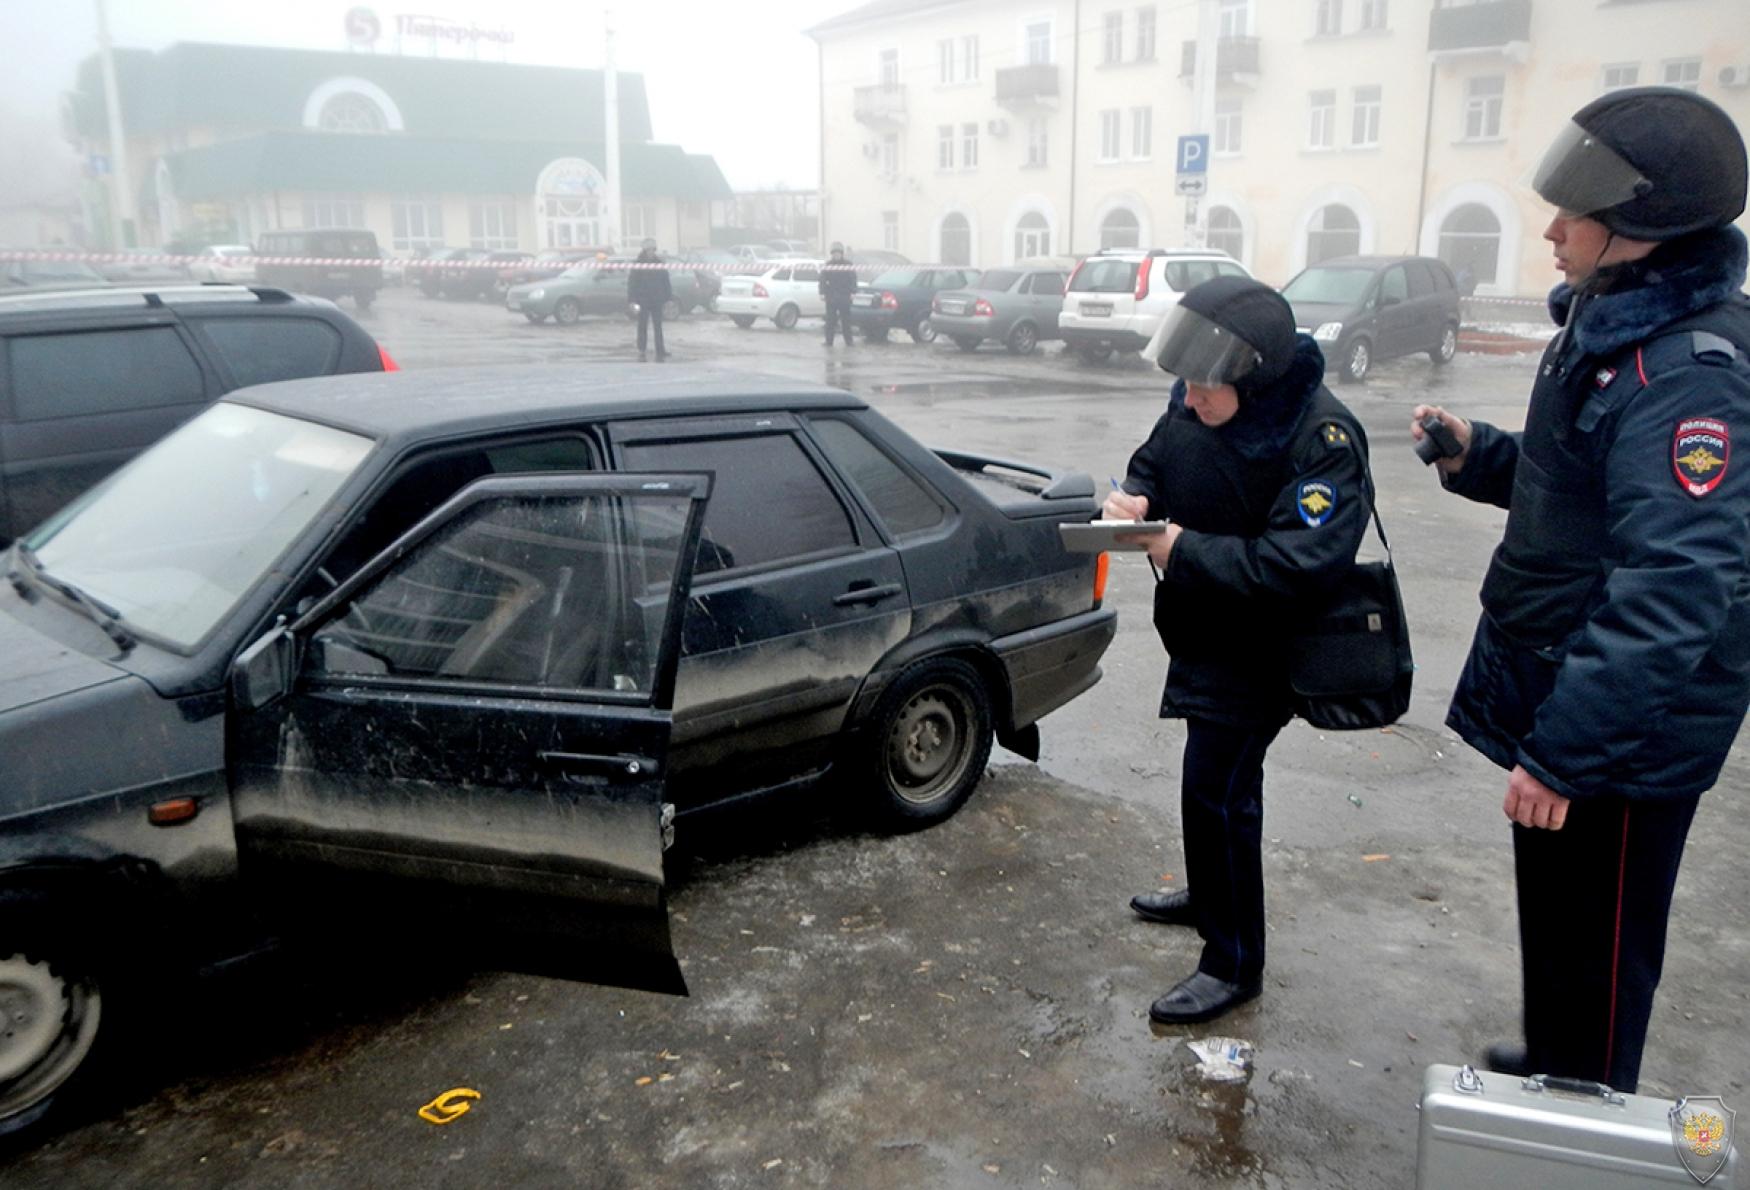 Обследование подозрительного автомобиля на наличие самодельного взрывного устройства